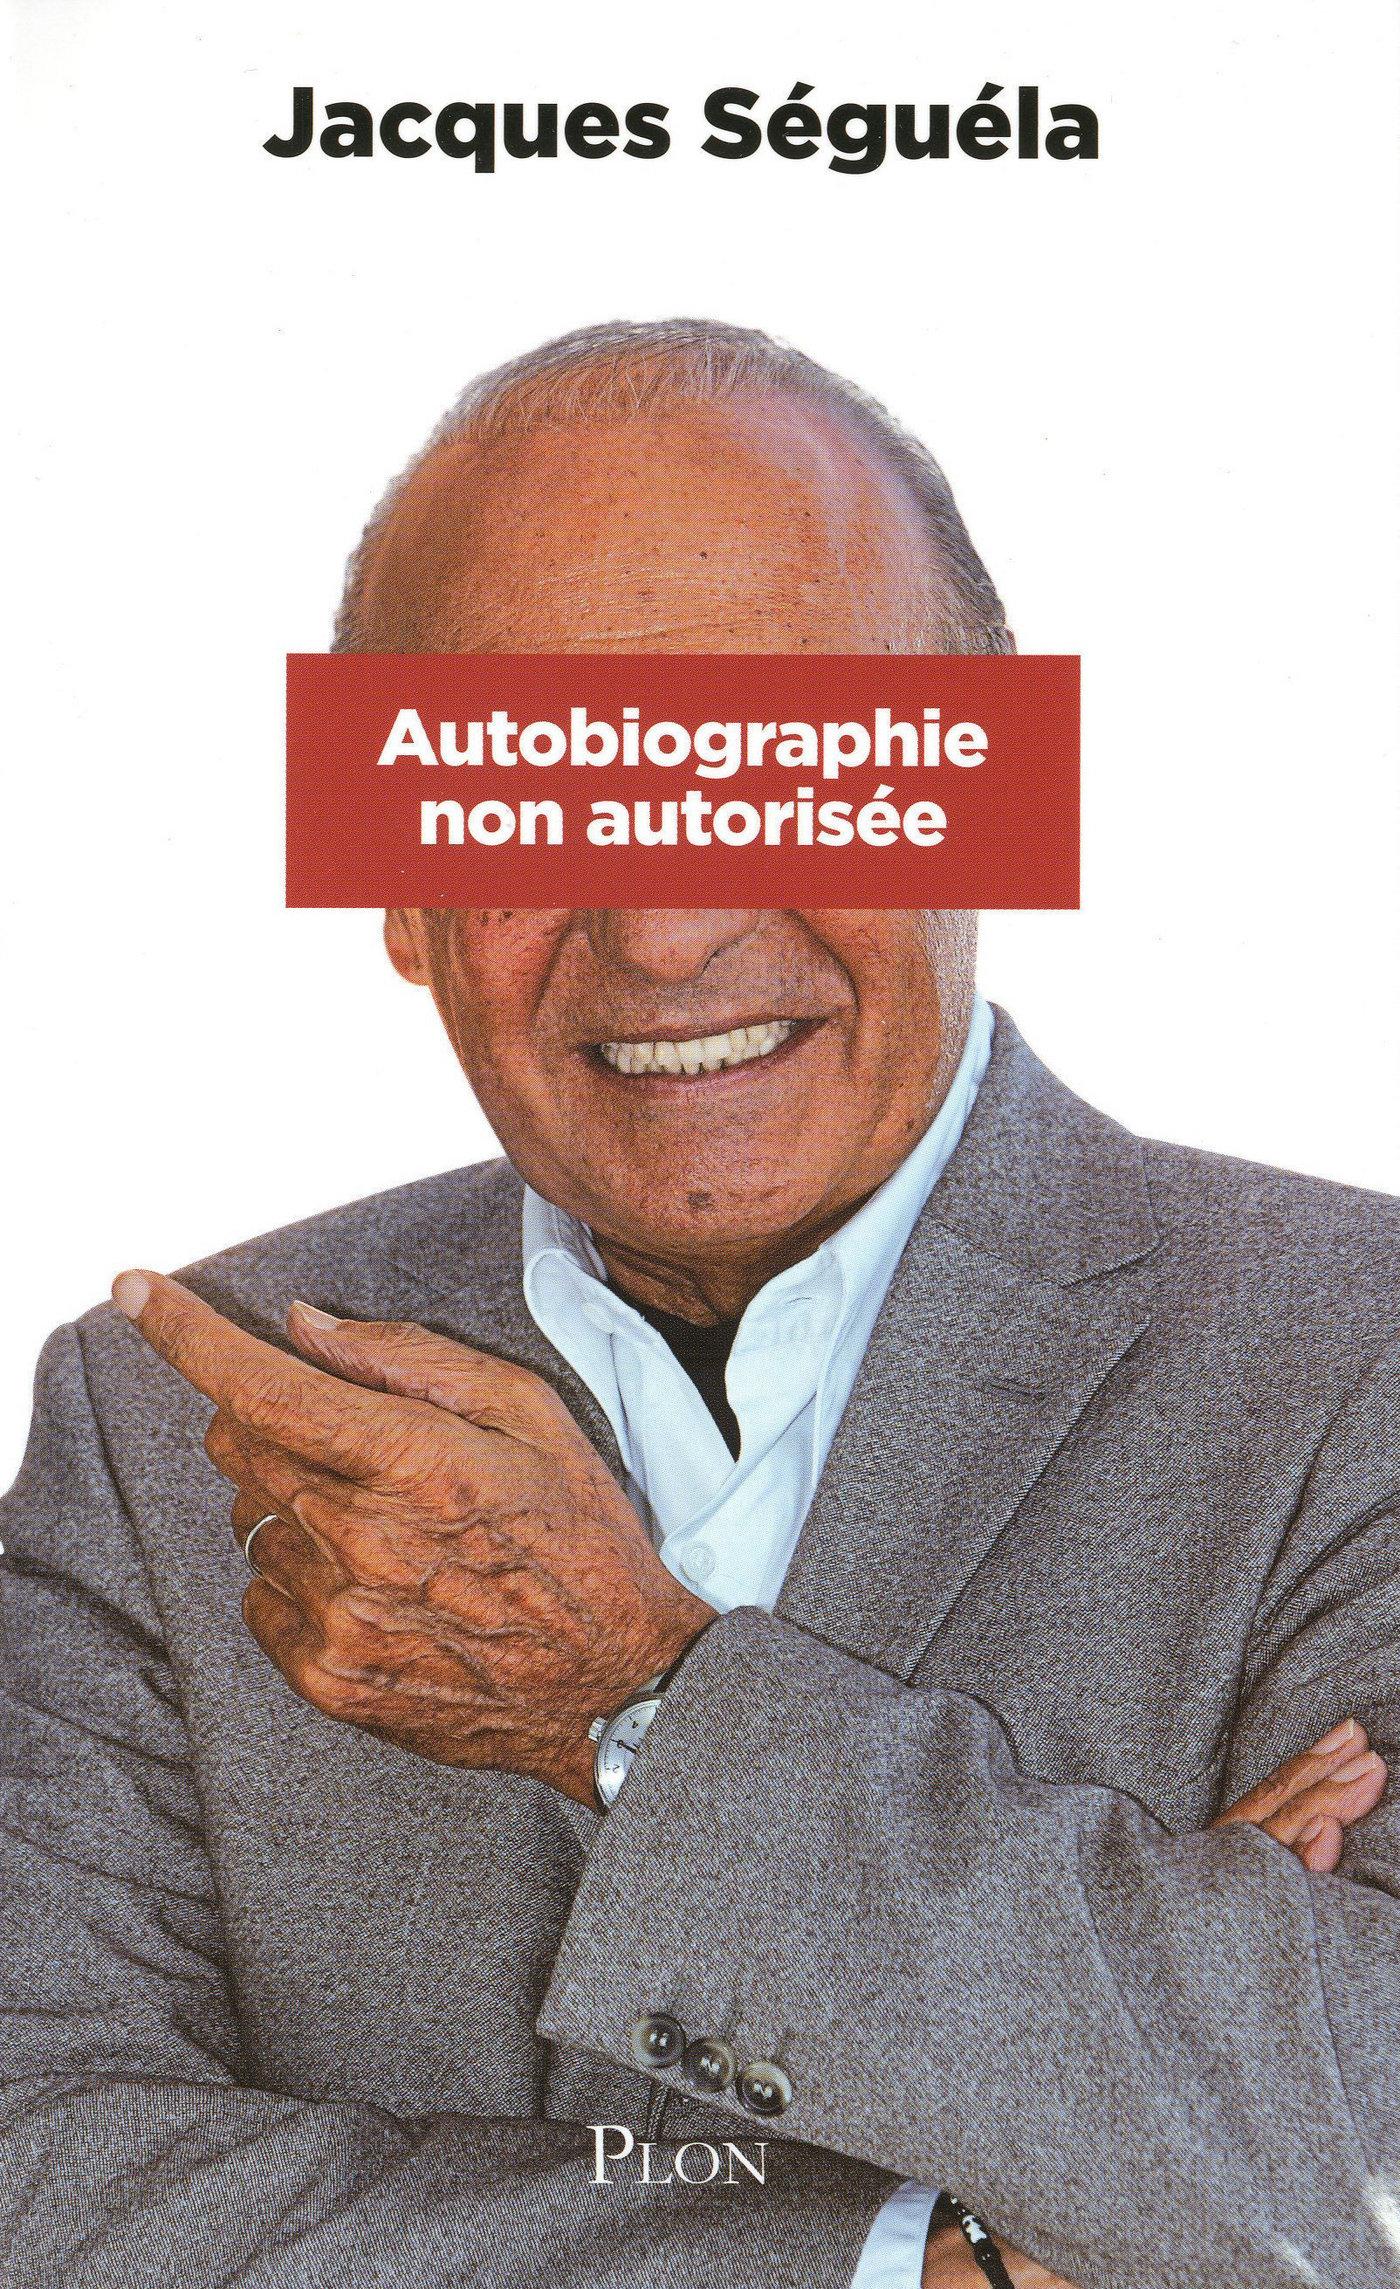 Autobiographie non autorisée (ebook)